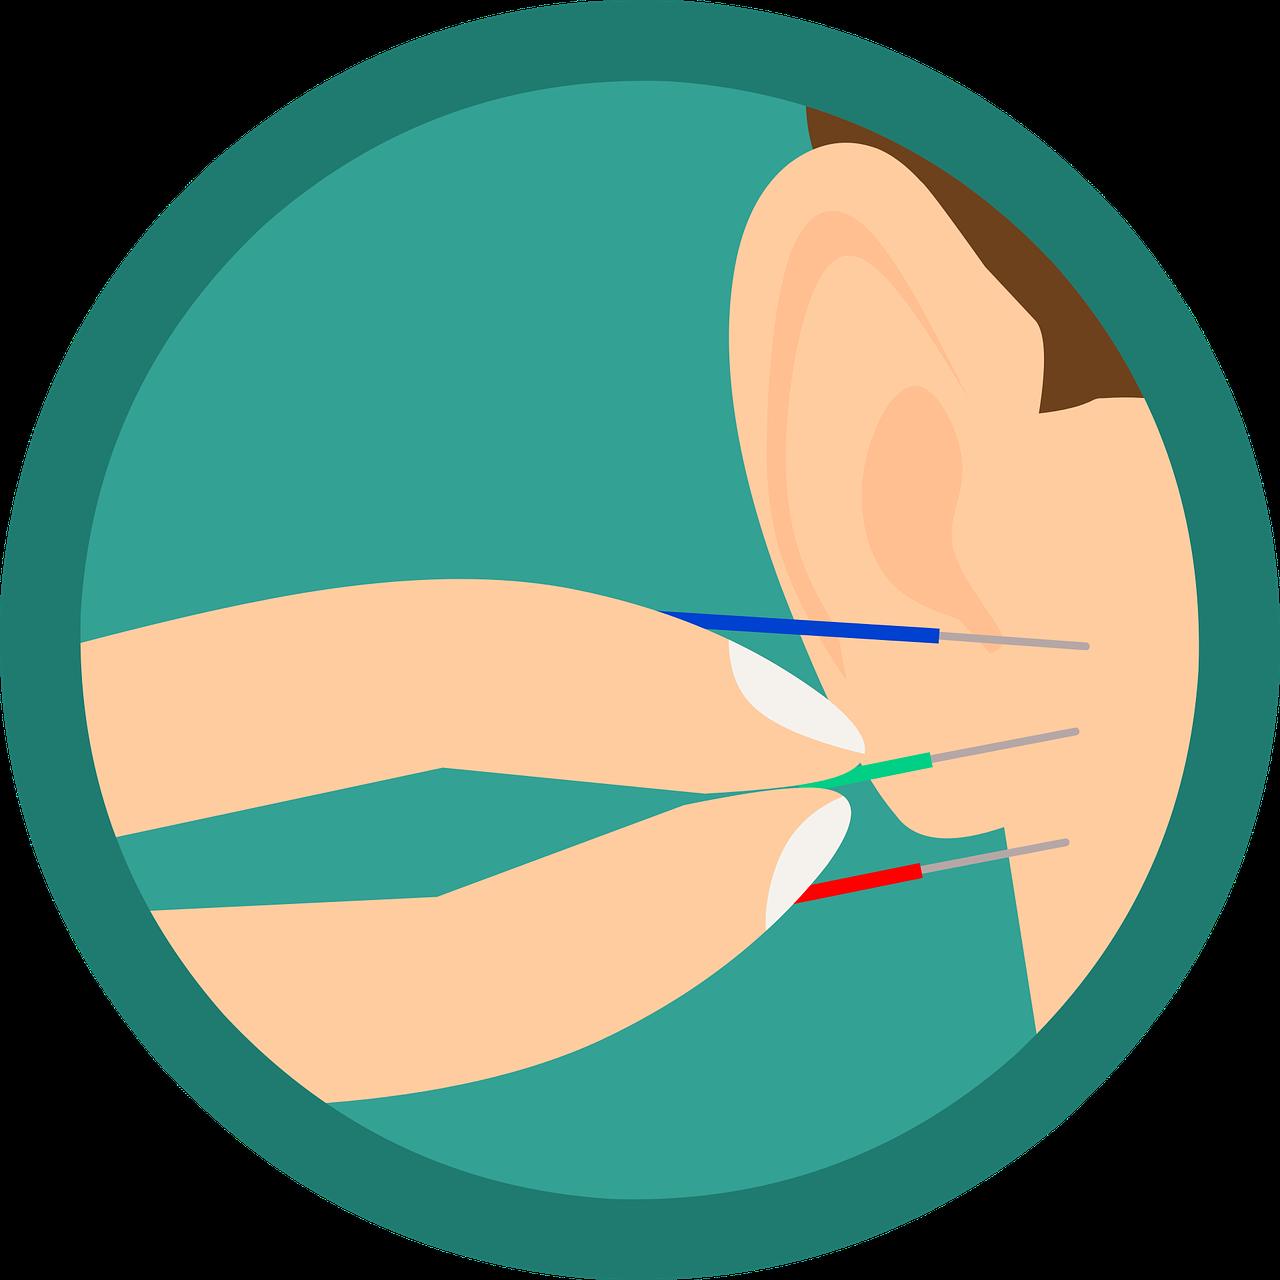 Fysiotherapie Stadshart massage fysio